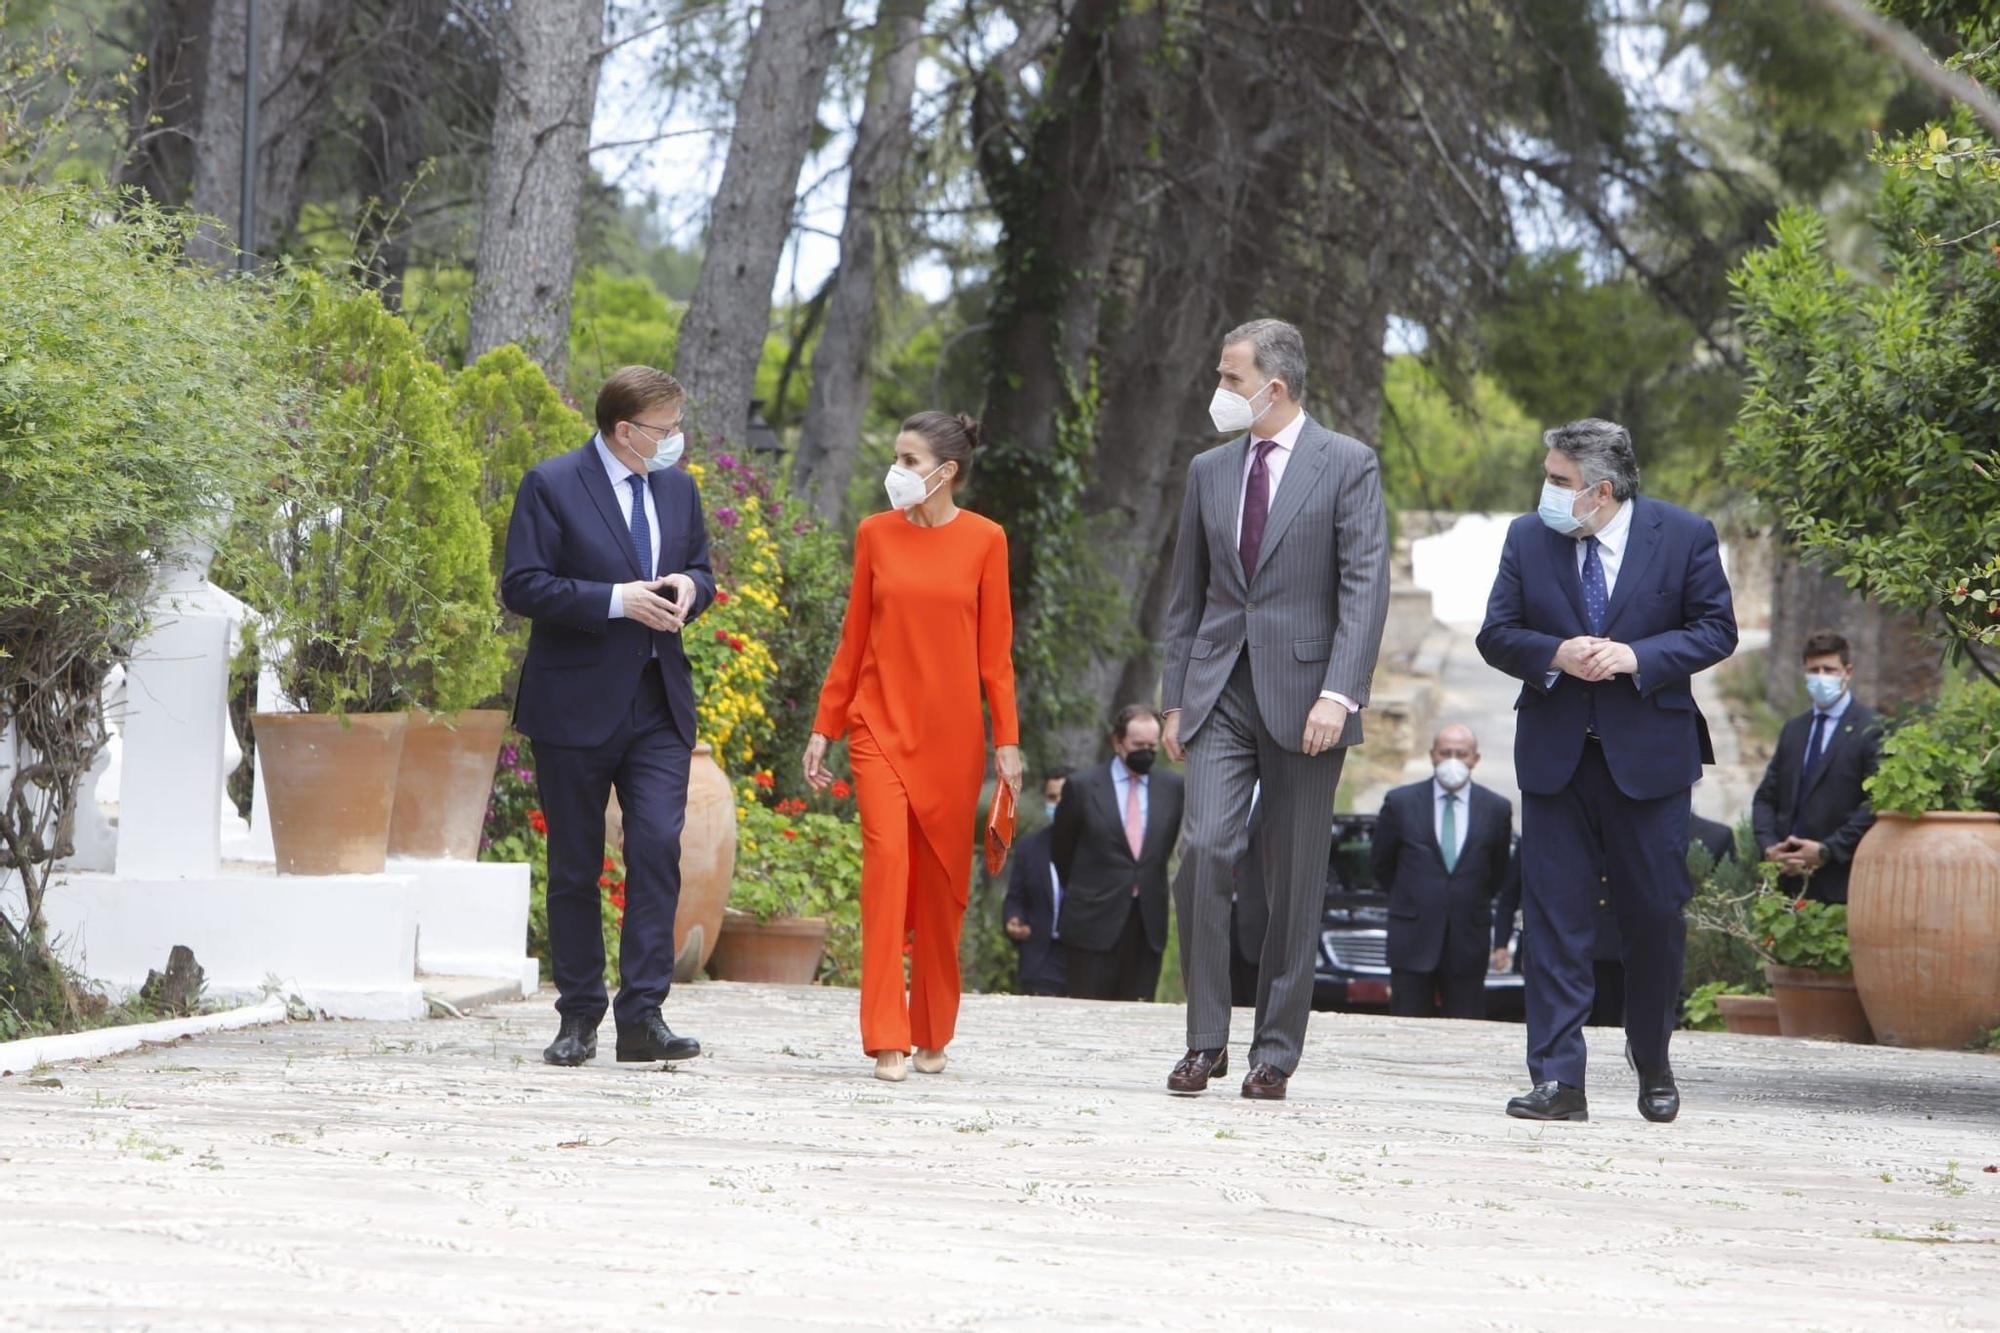 El vibrante look 'low cost' de la reina Letizia en Oliva para la entrega del Cervantes a Brines